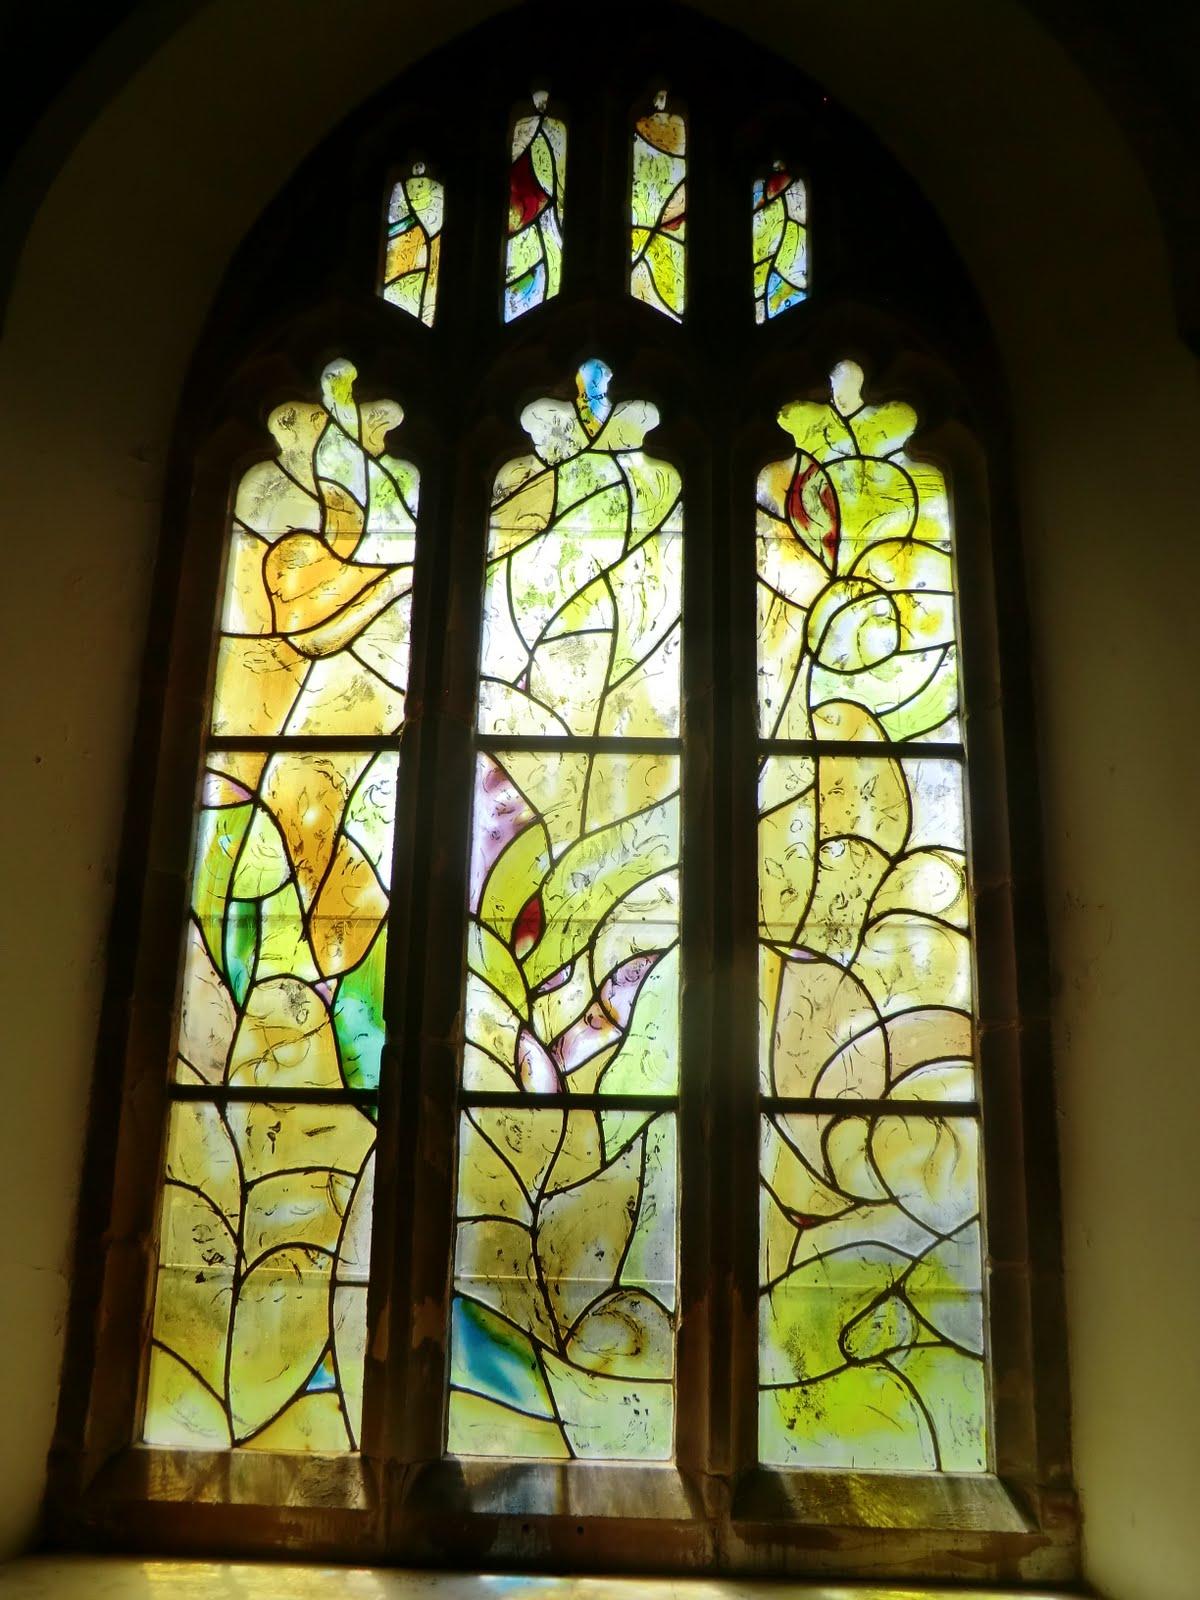 CIMG1558 Chagall window #12, All Saints church